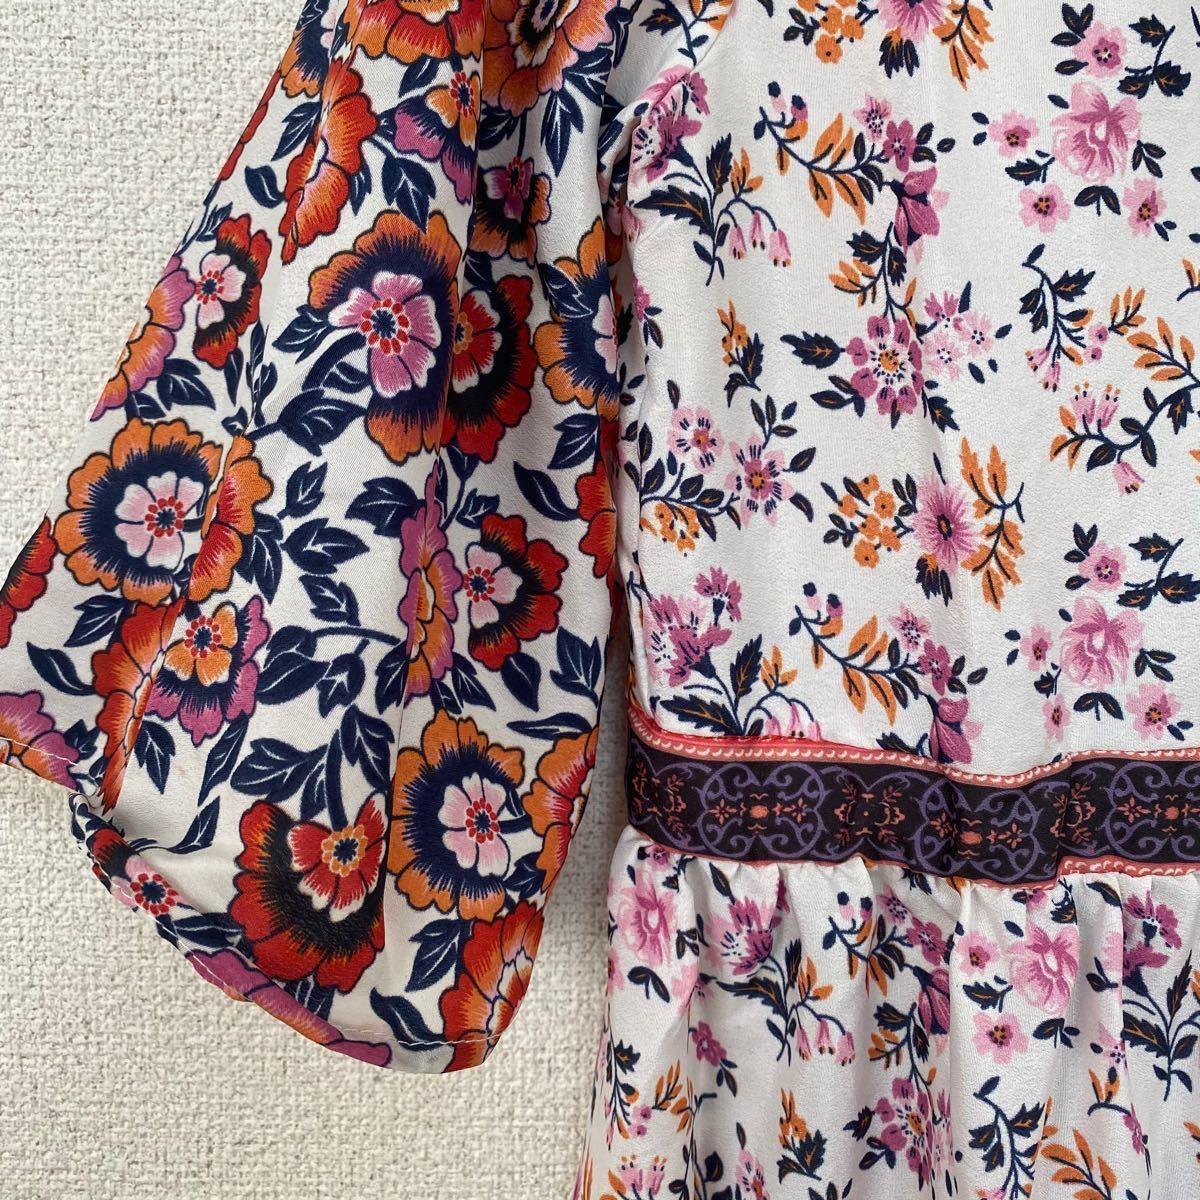 ワンピース 韓国 レディース 花柄 ロングワンピース インポート 花柄ワンピース シャツ ロングシャツ 夏 ロングスカート M